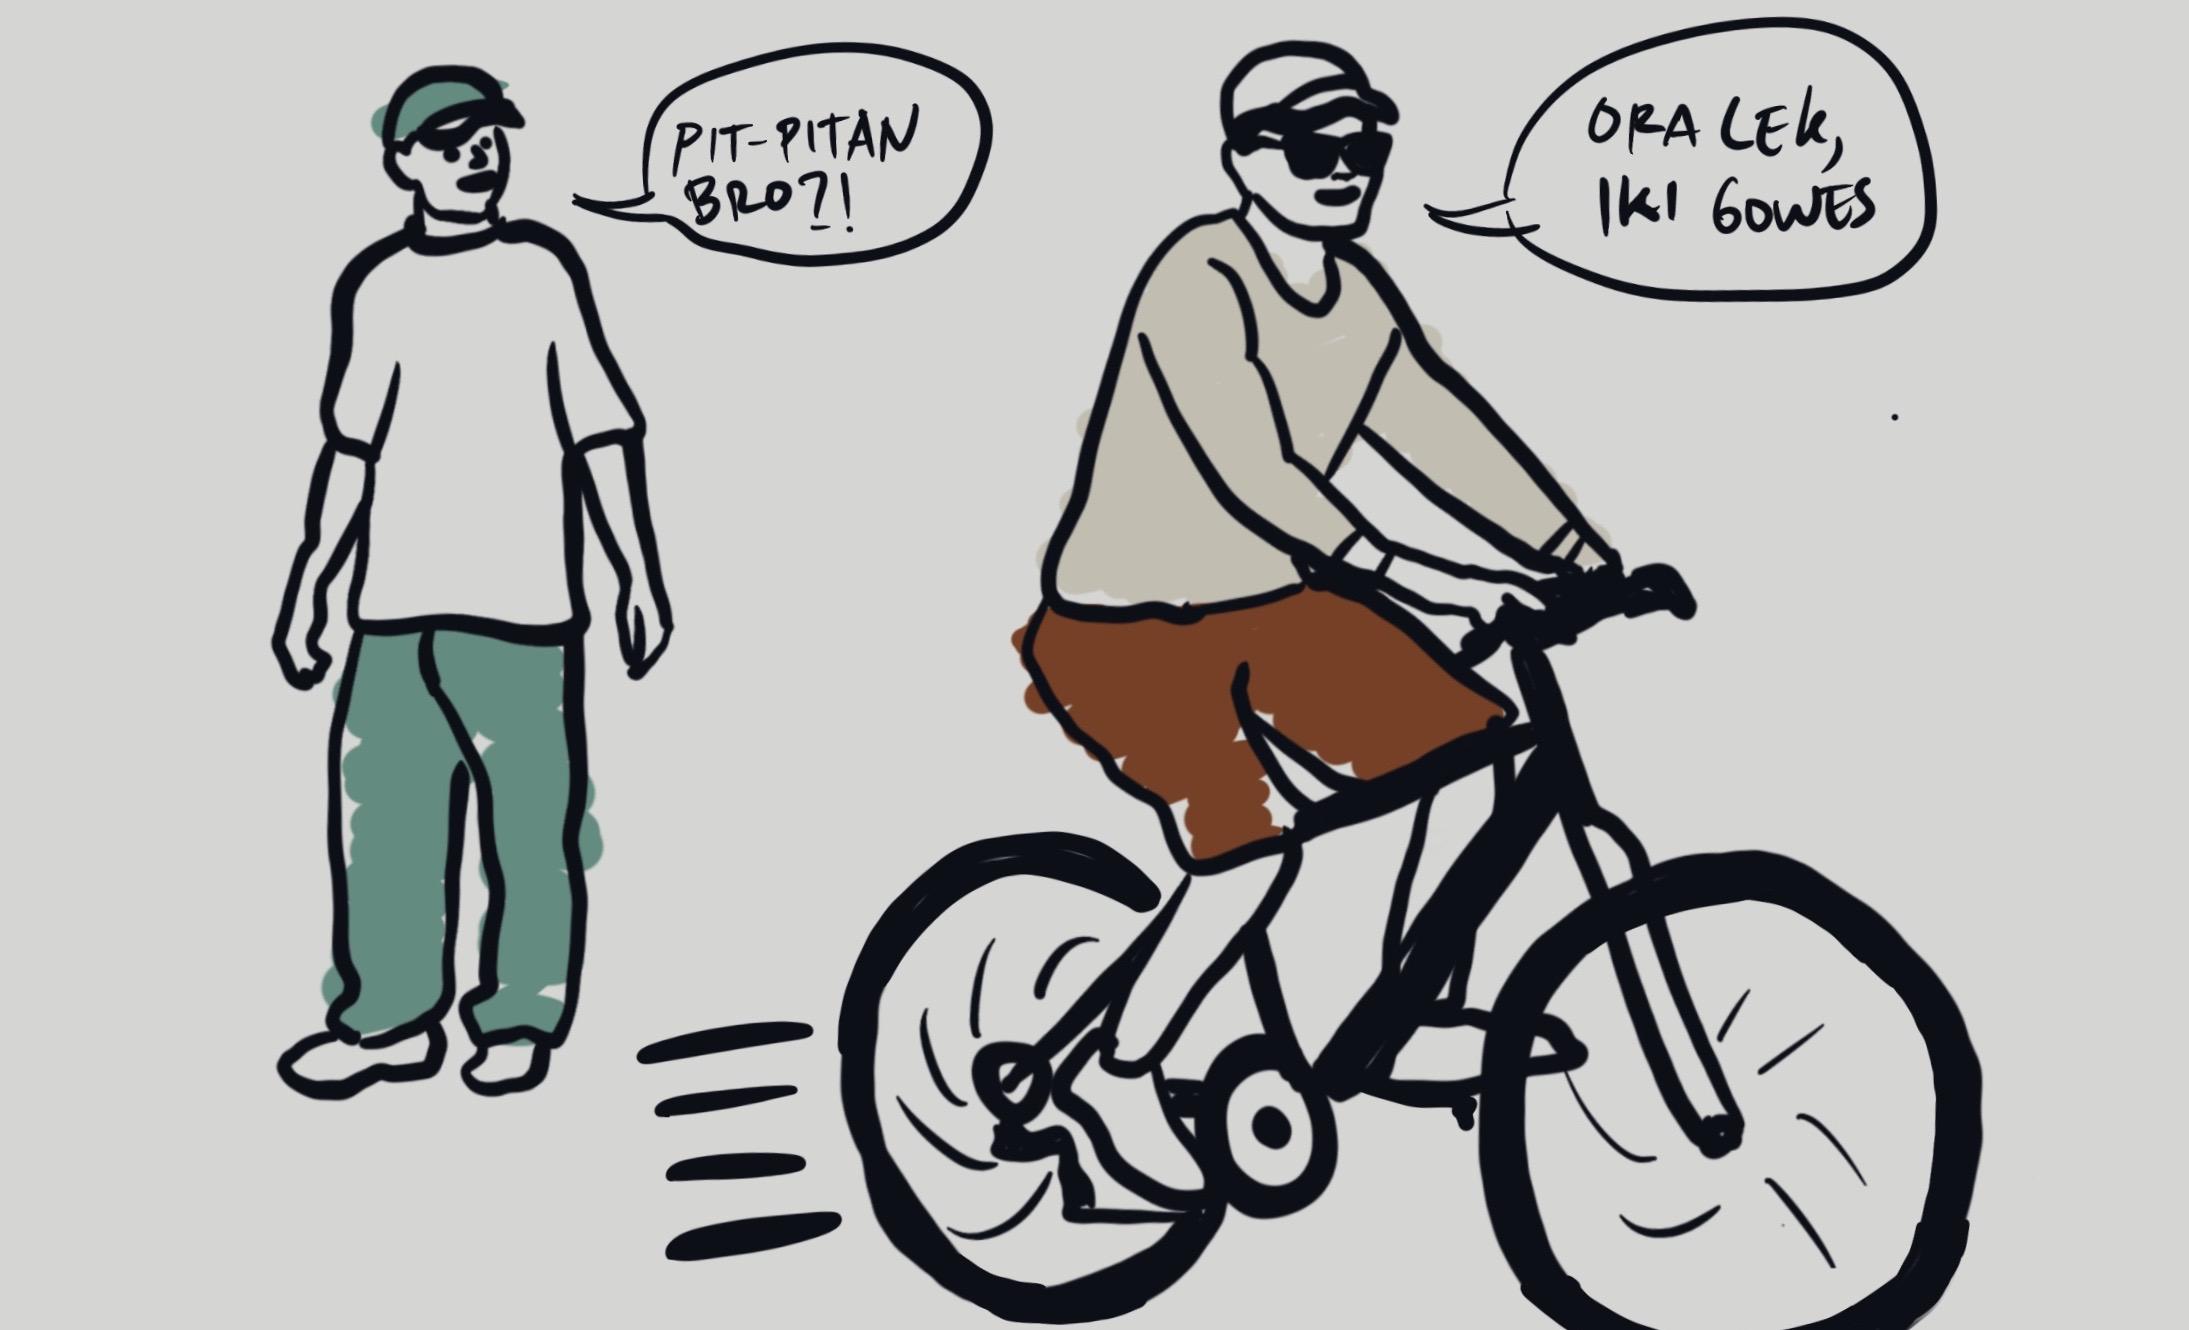 Peristiwa Atau Objek Apakah Yang Nampak Pada Kedua Gambar Diatas Sepeda Dan Motor Vbsxnwew0ql4fm